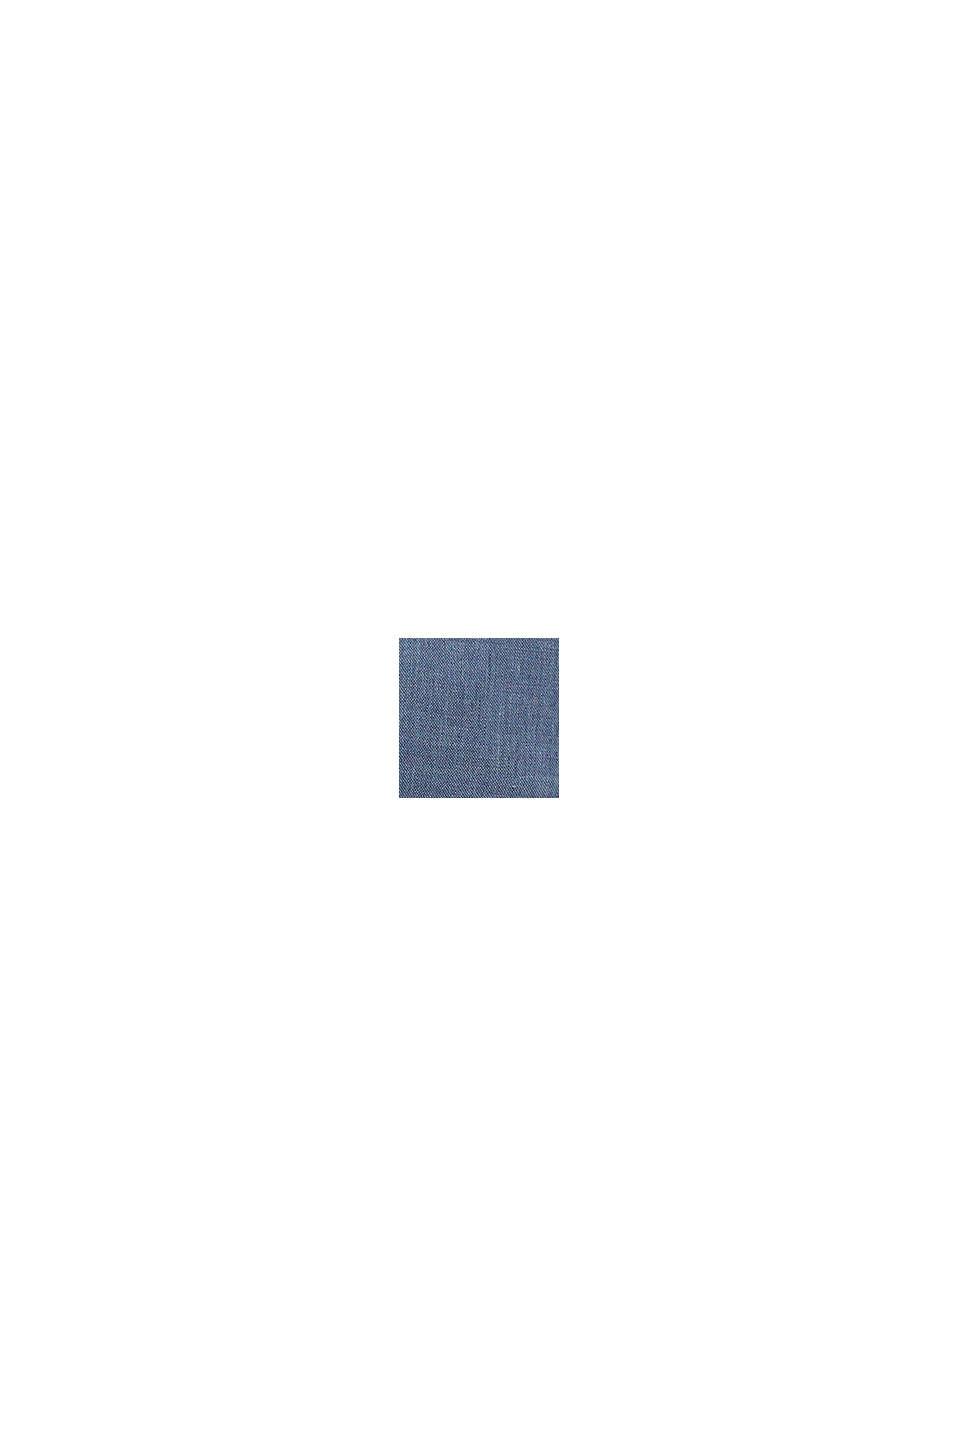 FIL-A-FIL In misto lino: giacca da completo, BLUE, swatch